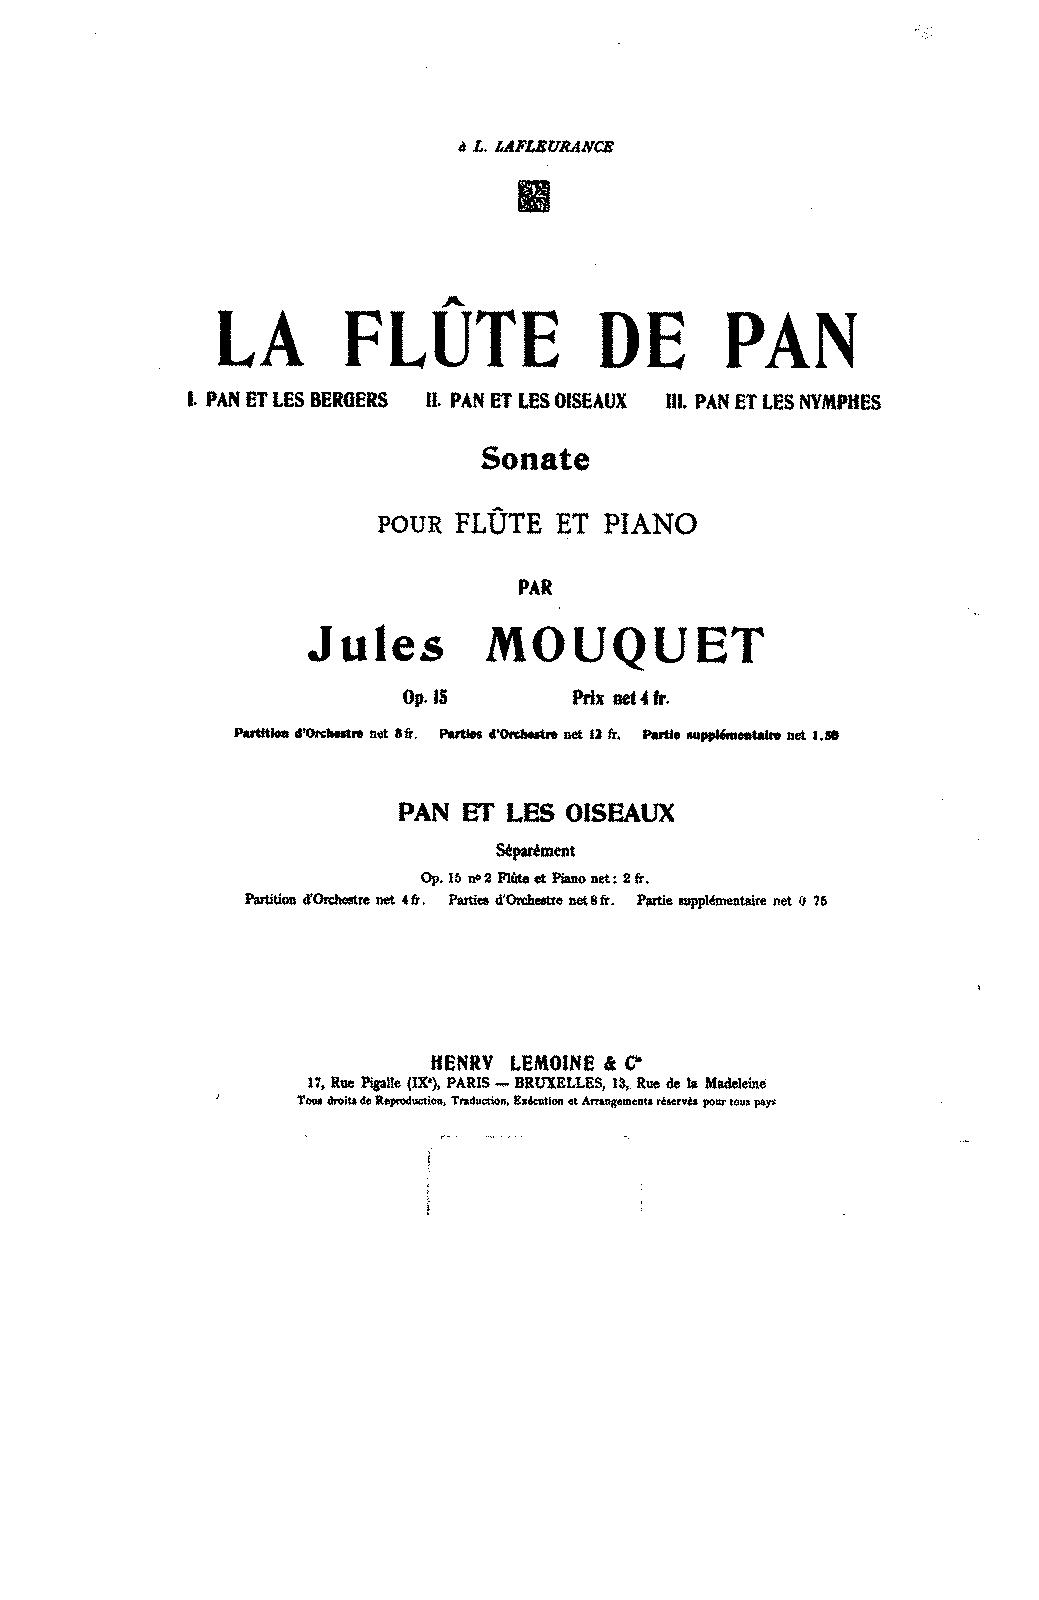 La flûte de Pan, Op.15 (Mouquet, Jules) - IMSLP/Petrucci ...